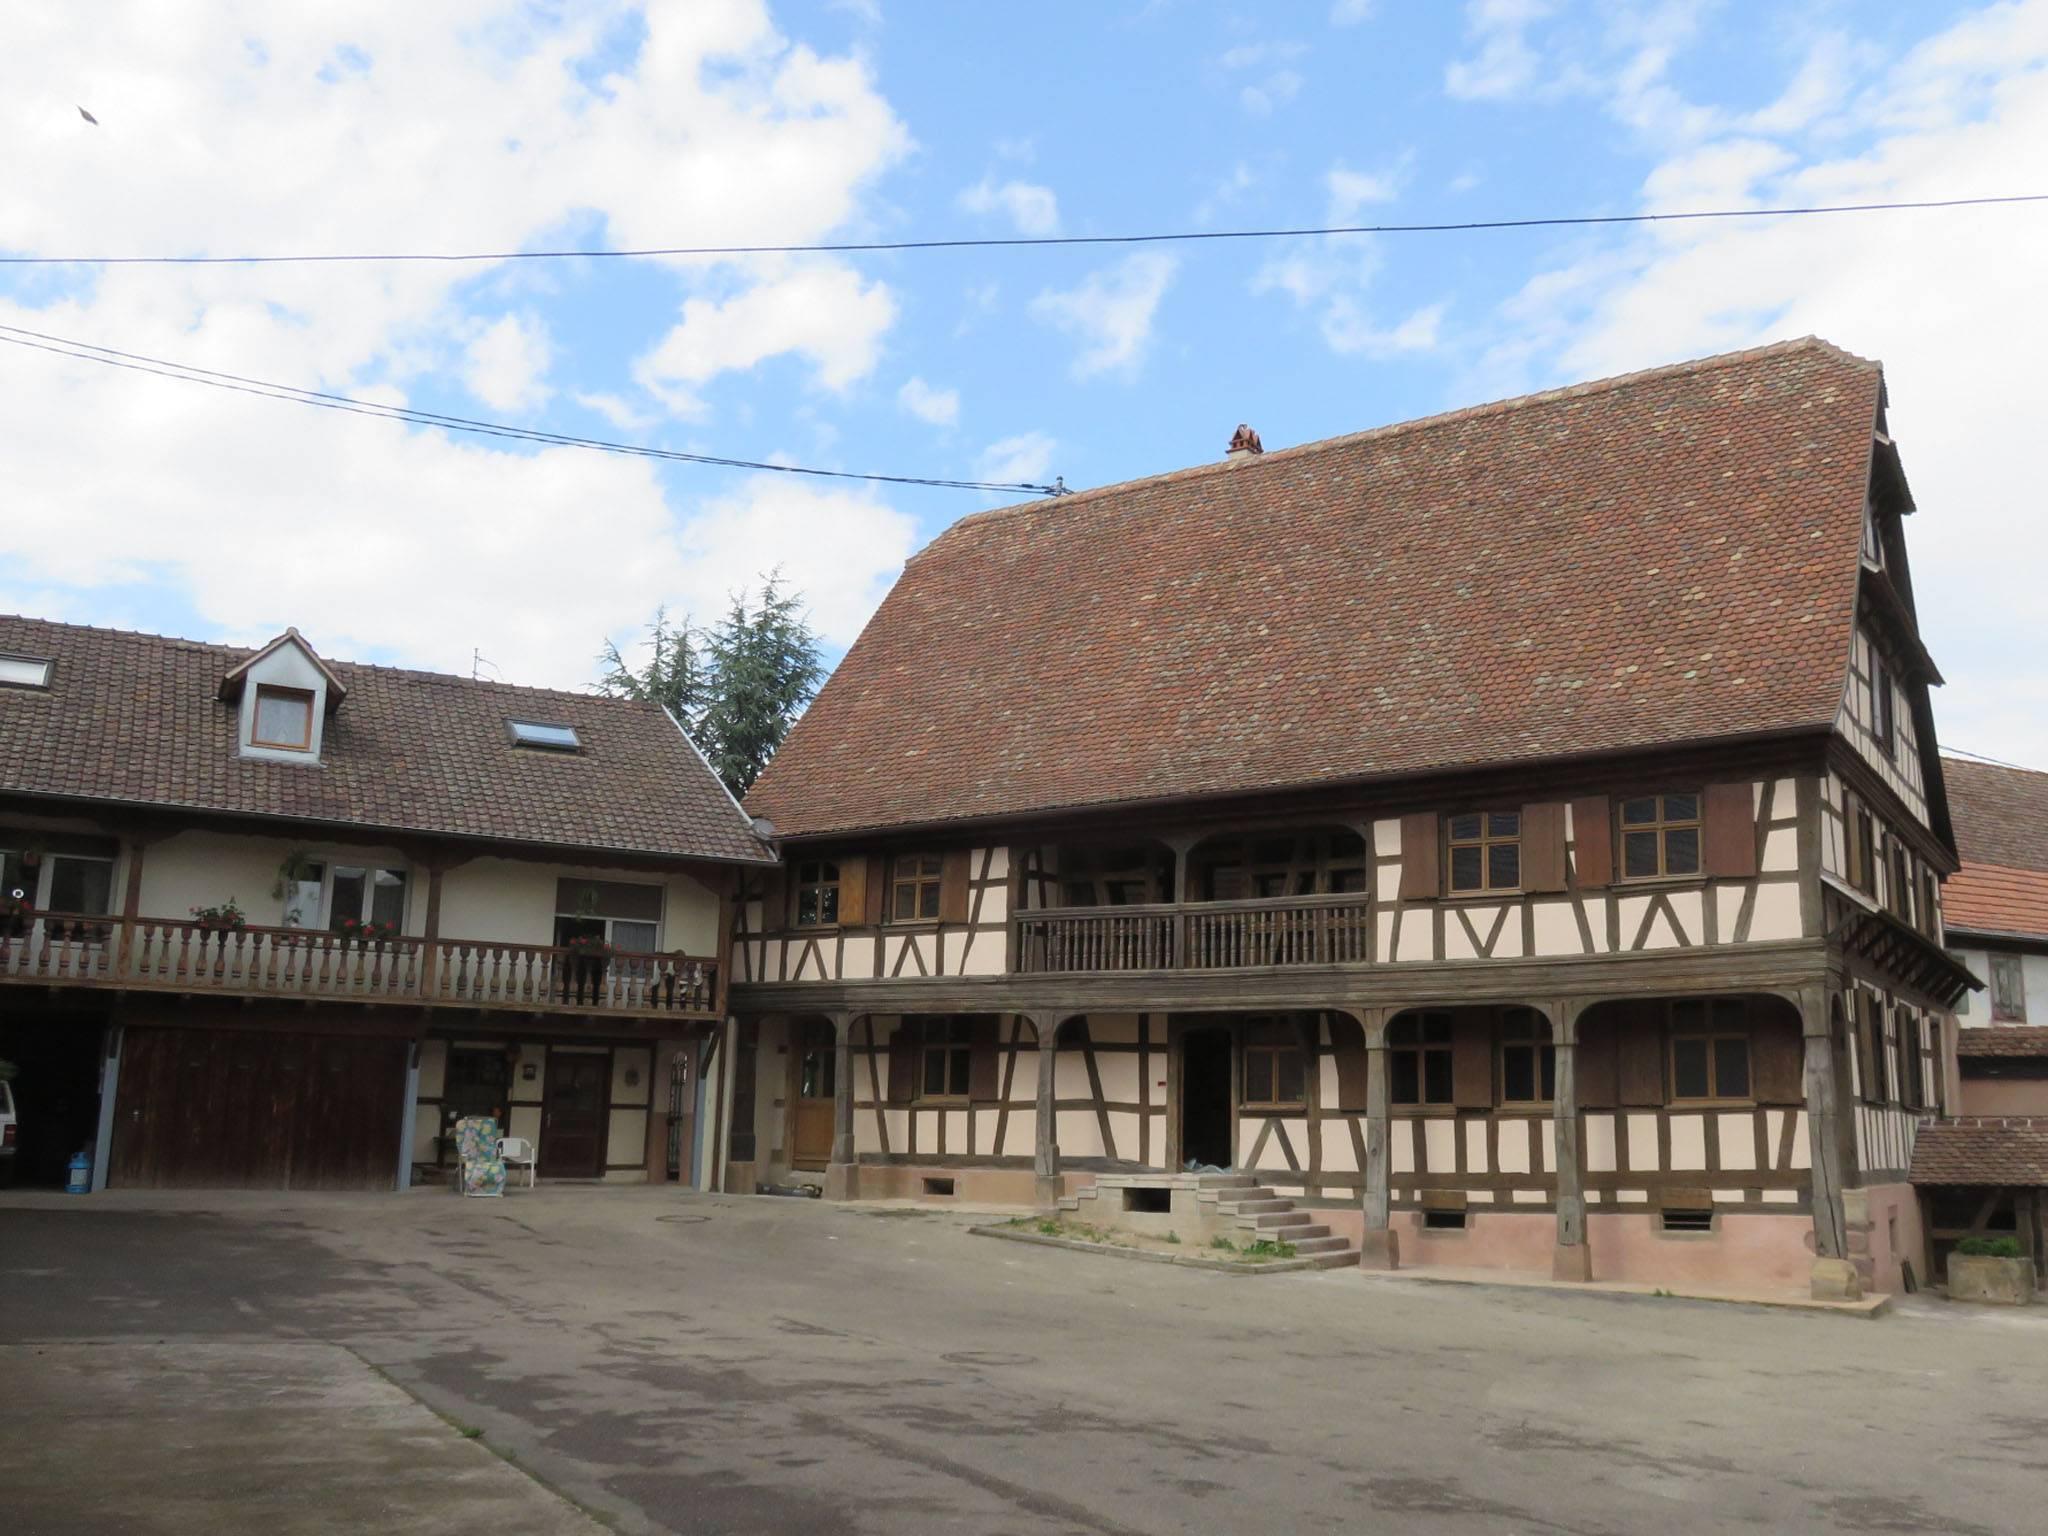 Rénover Une Maison Alsacienne maison alsacienne restaurée en maison bbc - isolation